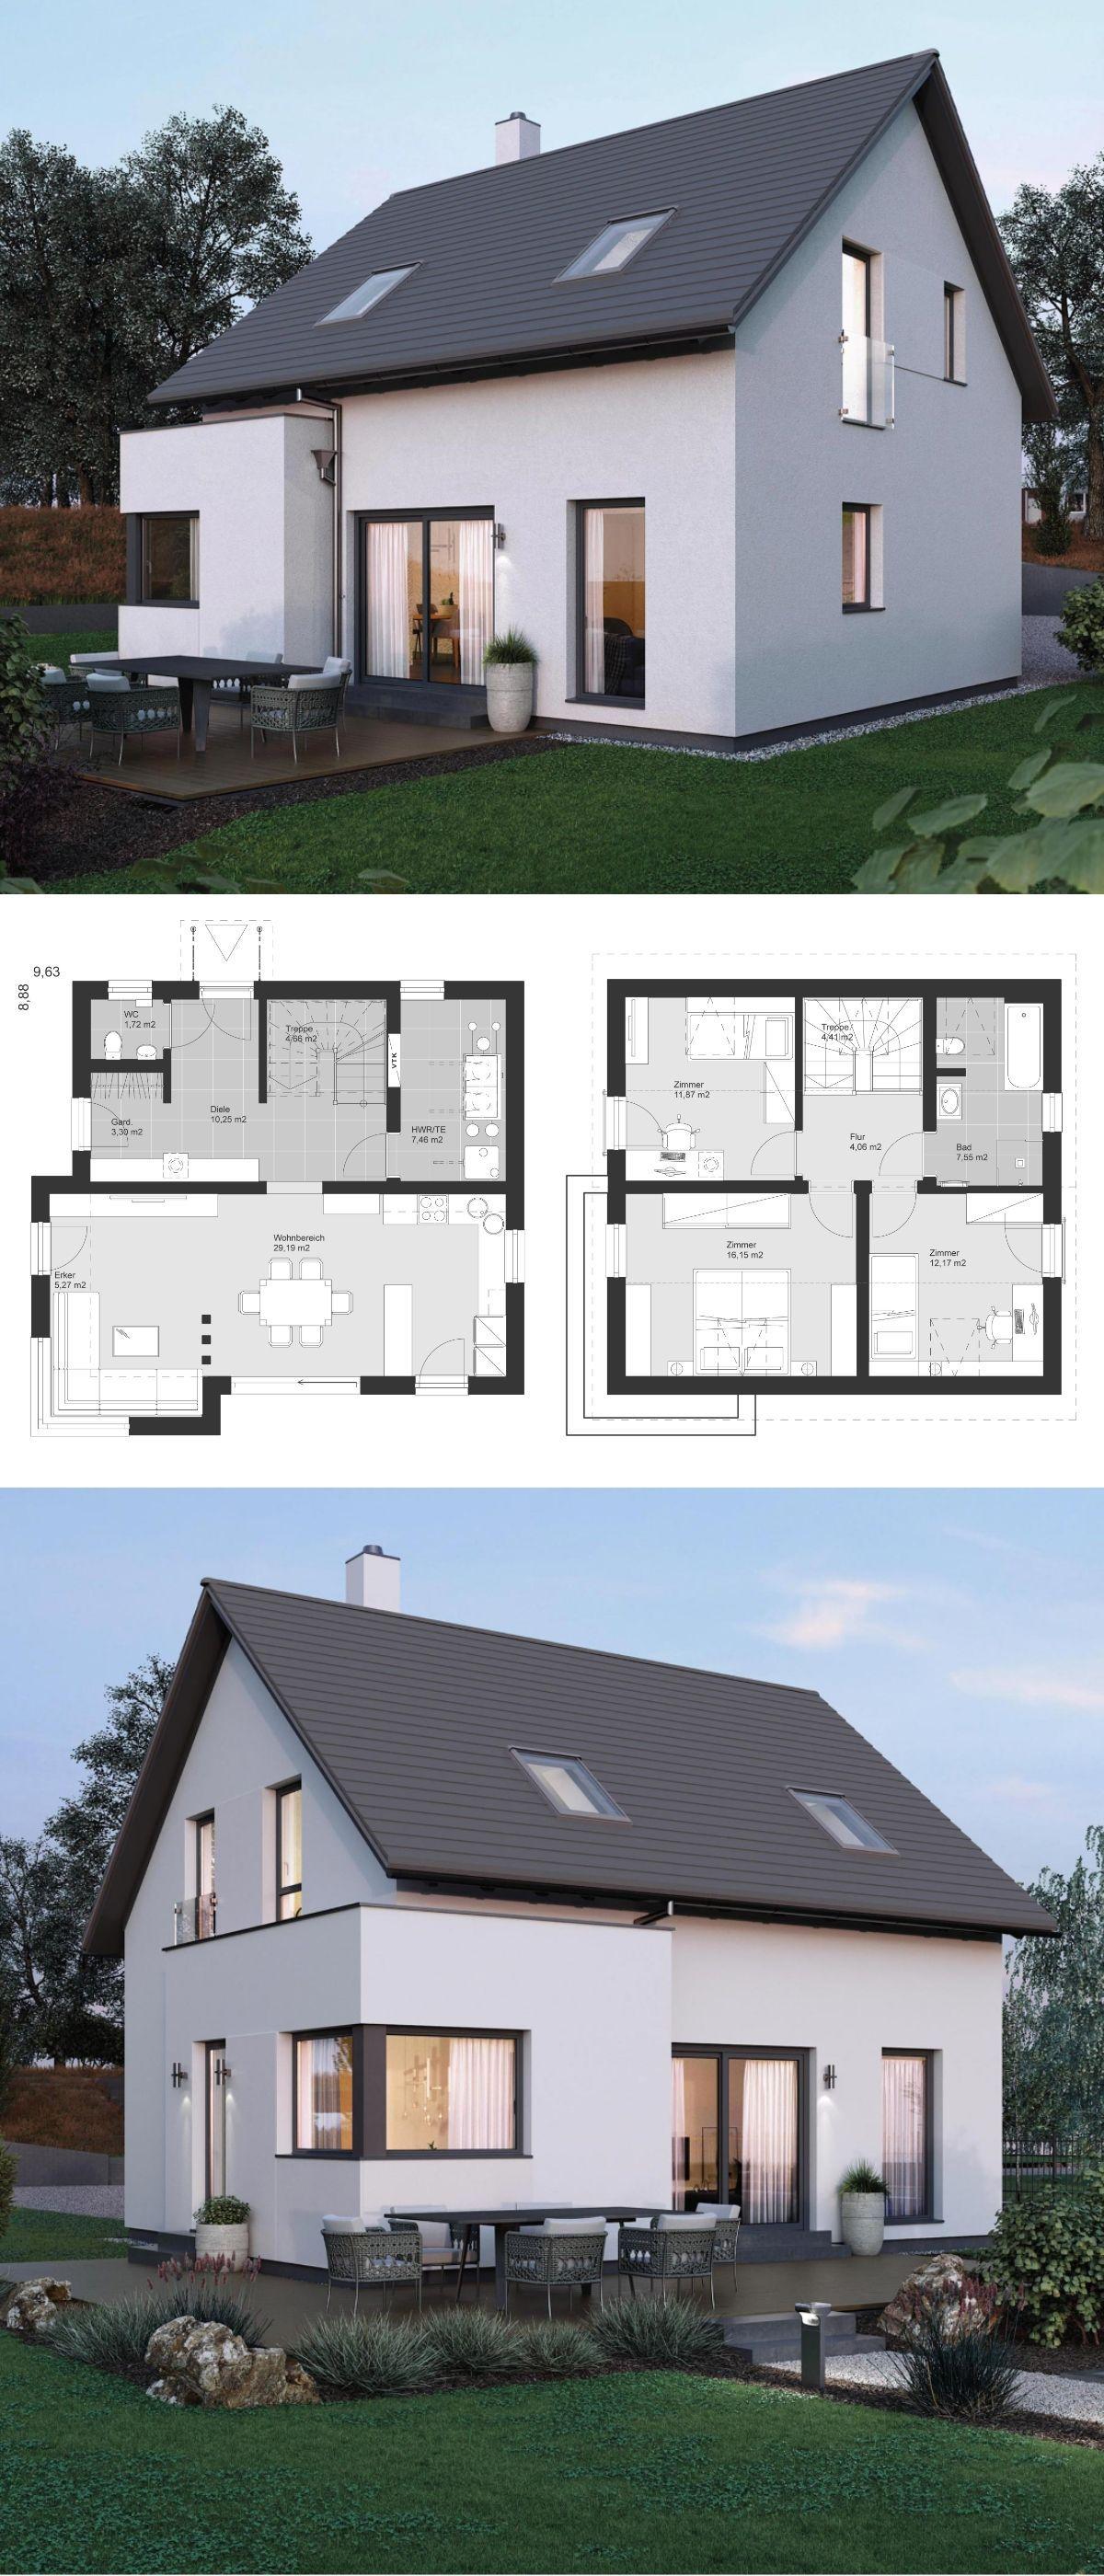 Moderne Häuser Bauen kleines einfamilienhaus architektur modern grundriss mit satteldach